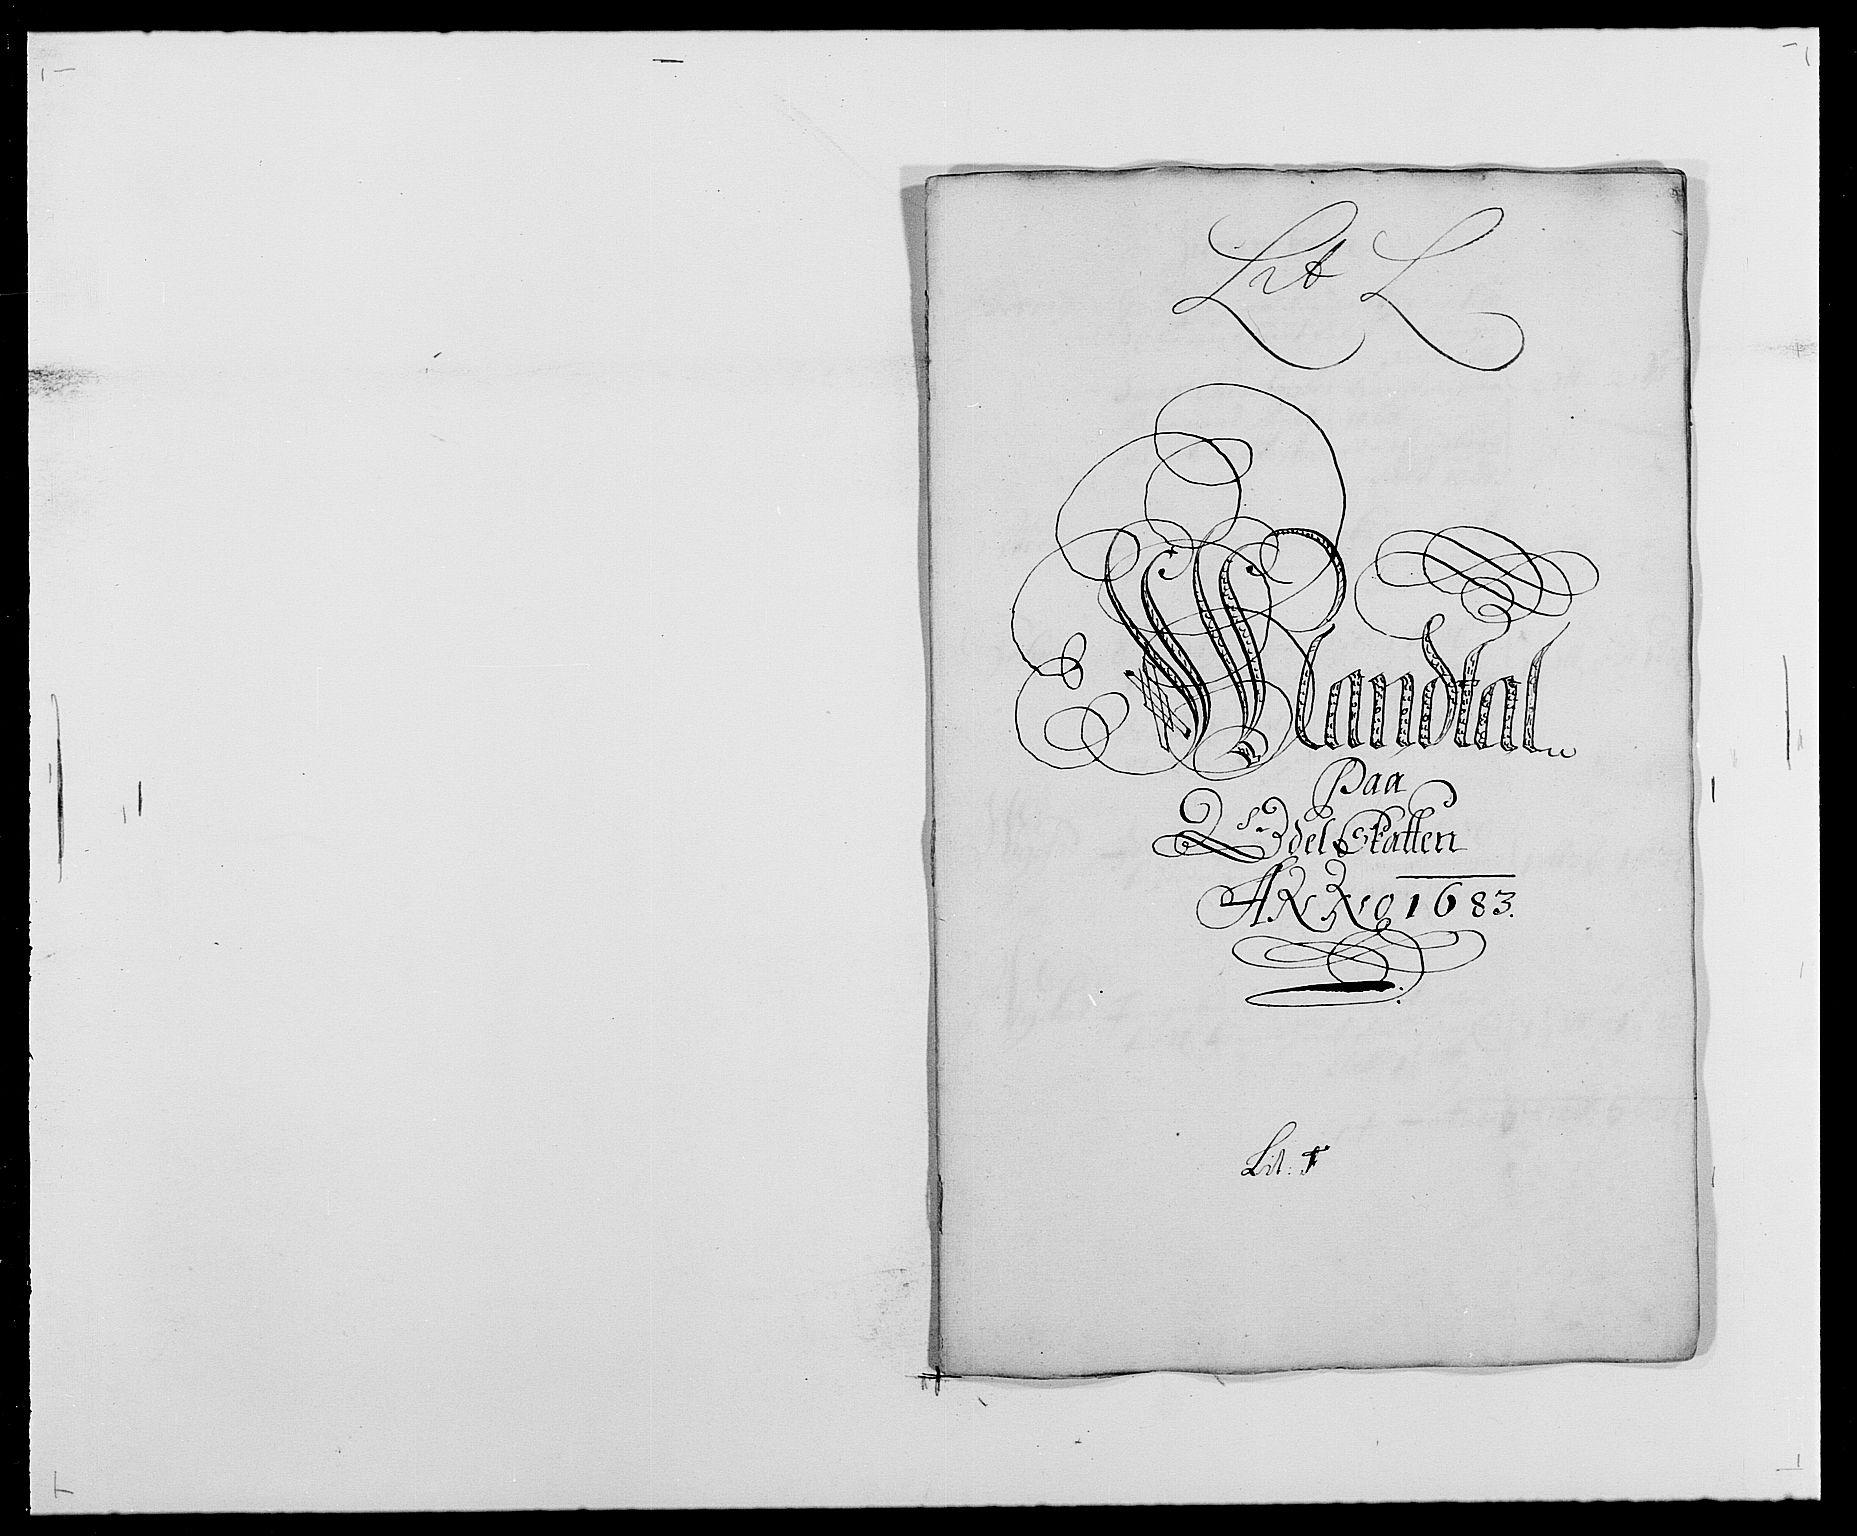 RA, Rentekammeret inntil 1814, Reviderte regnskaper, Fogderegnskap, R29/L1692: Fogderegnskap Hurum og Røyken, 1682-1687, s. 139